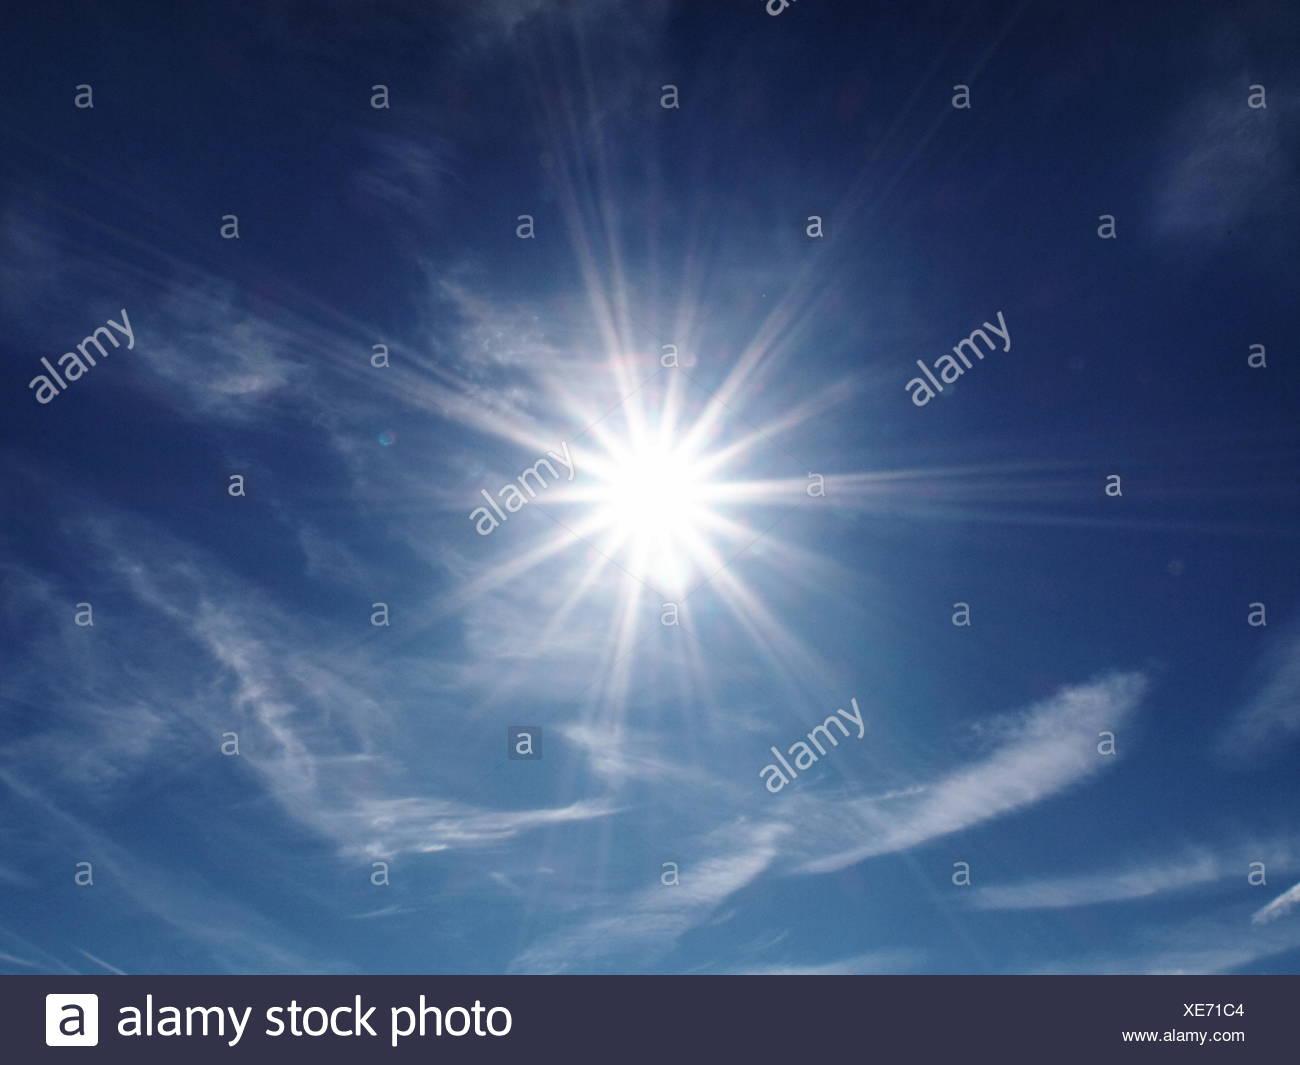 sky,cloudscape,sun,sunlight - Stock Image